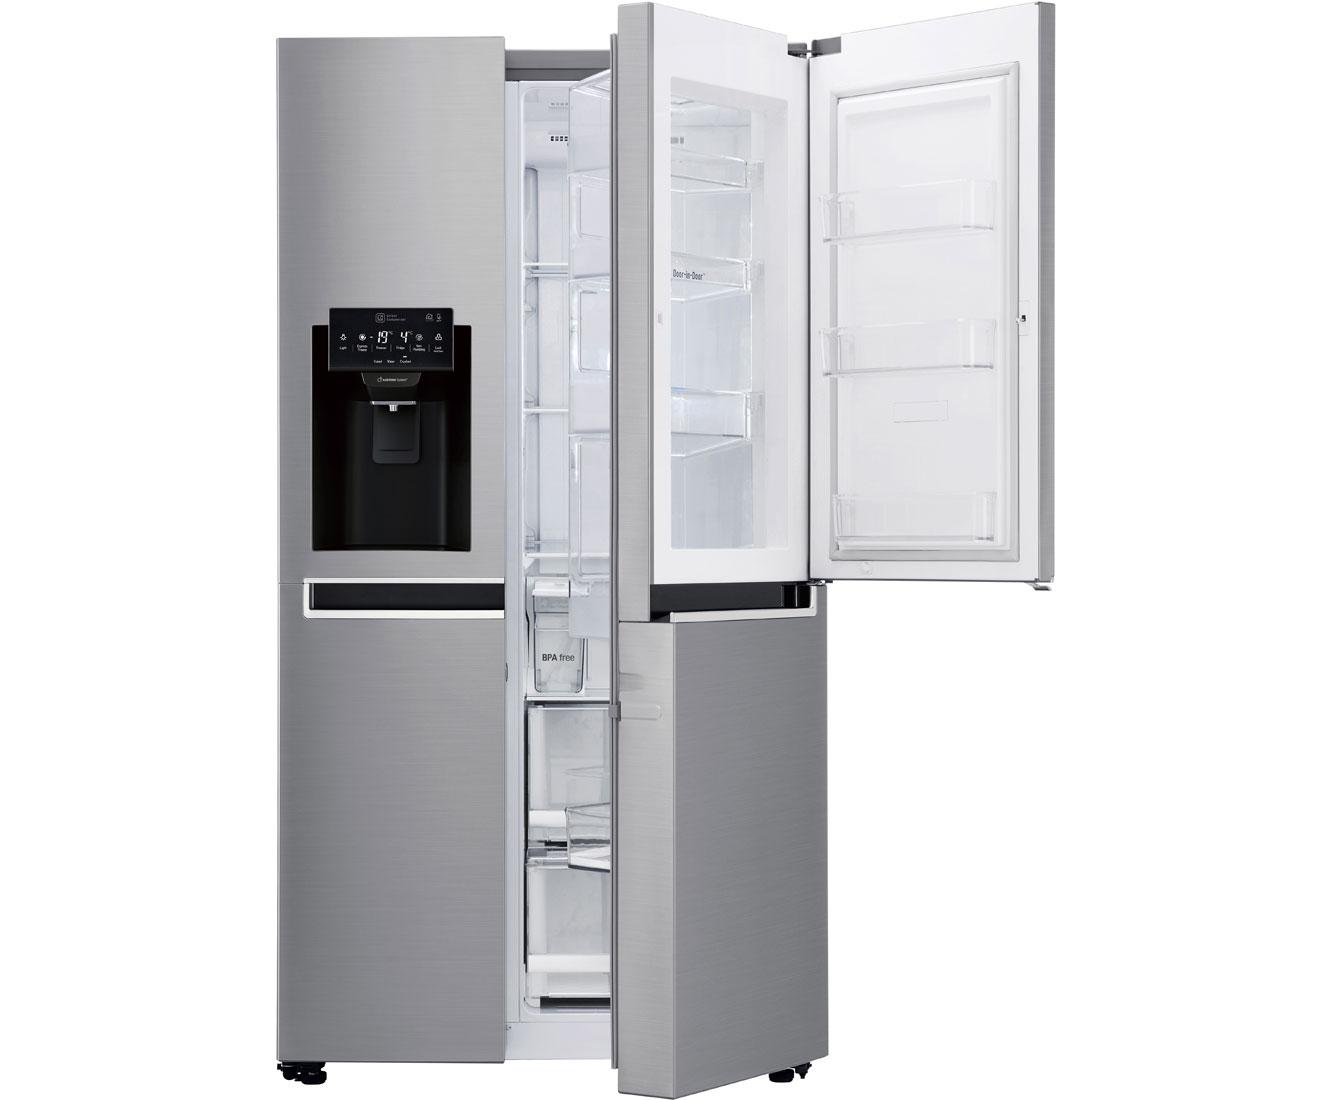 Side By Side Kühlschrank Mit Wasseranschluss : Side by side kühlschränke günstig online kaufen saturn